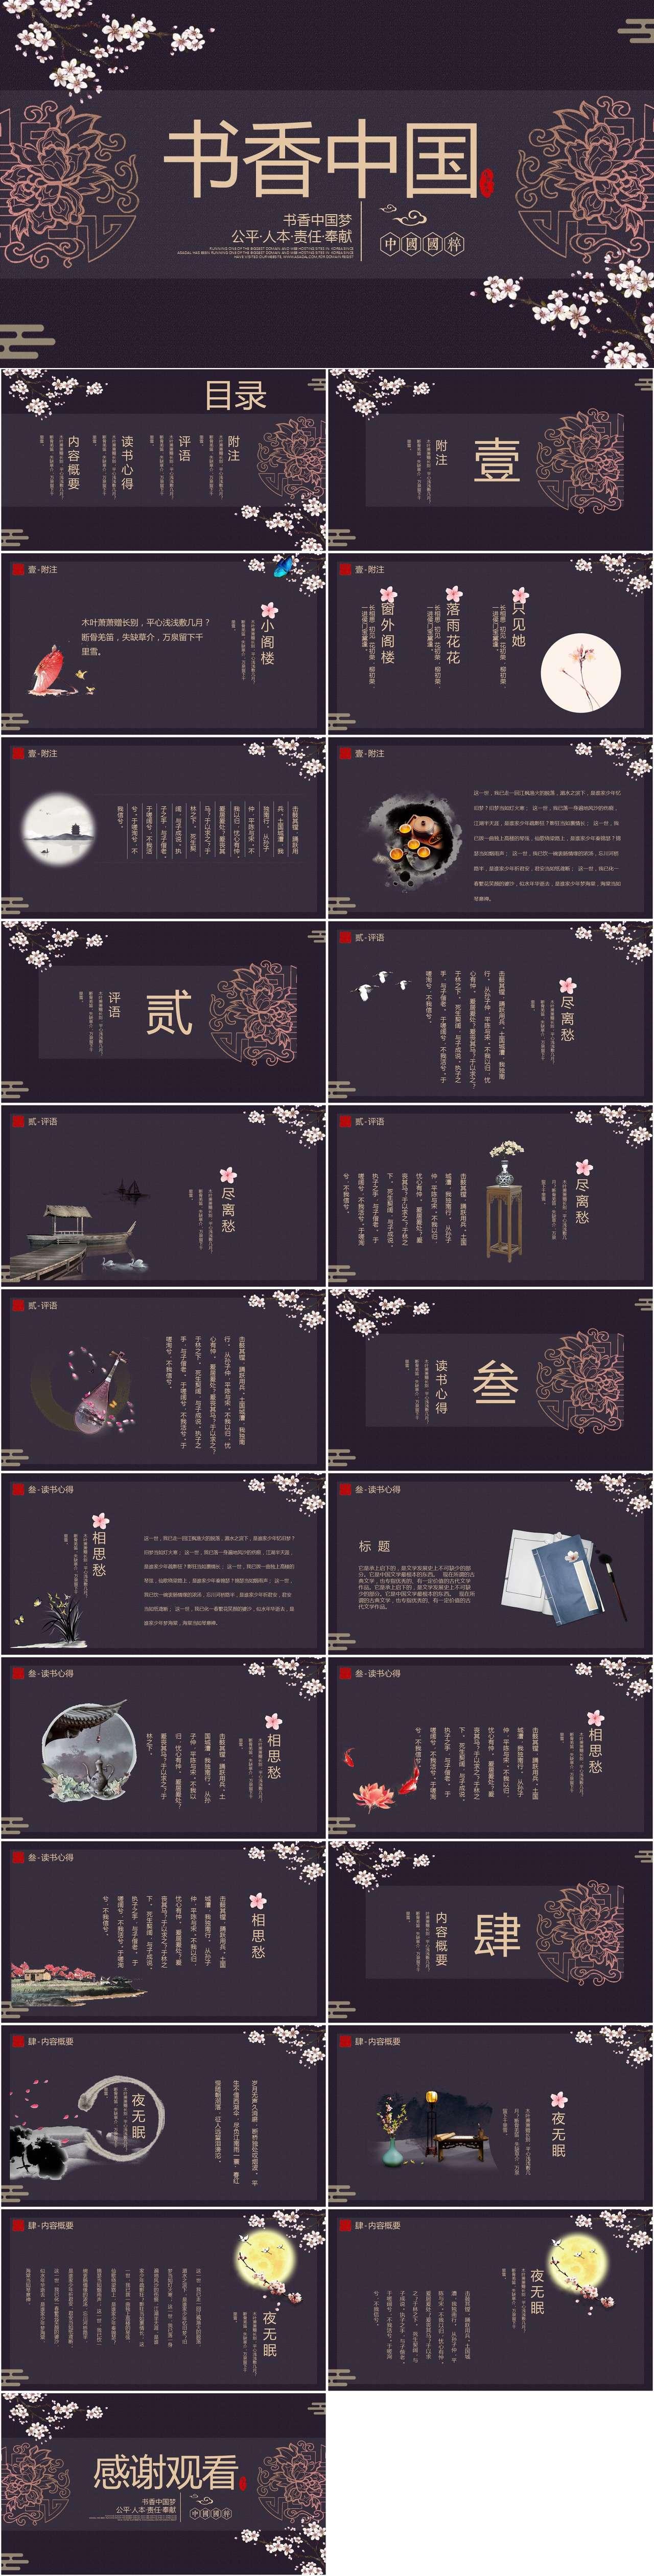 中国风唯美书香中国古诗词文章赏析教师说课课件PPT模板插图1